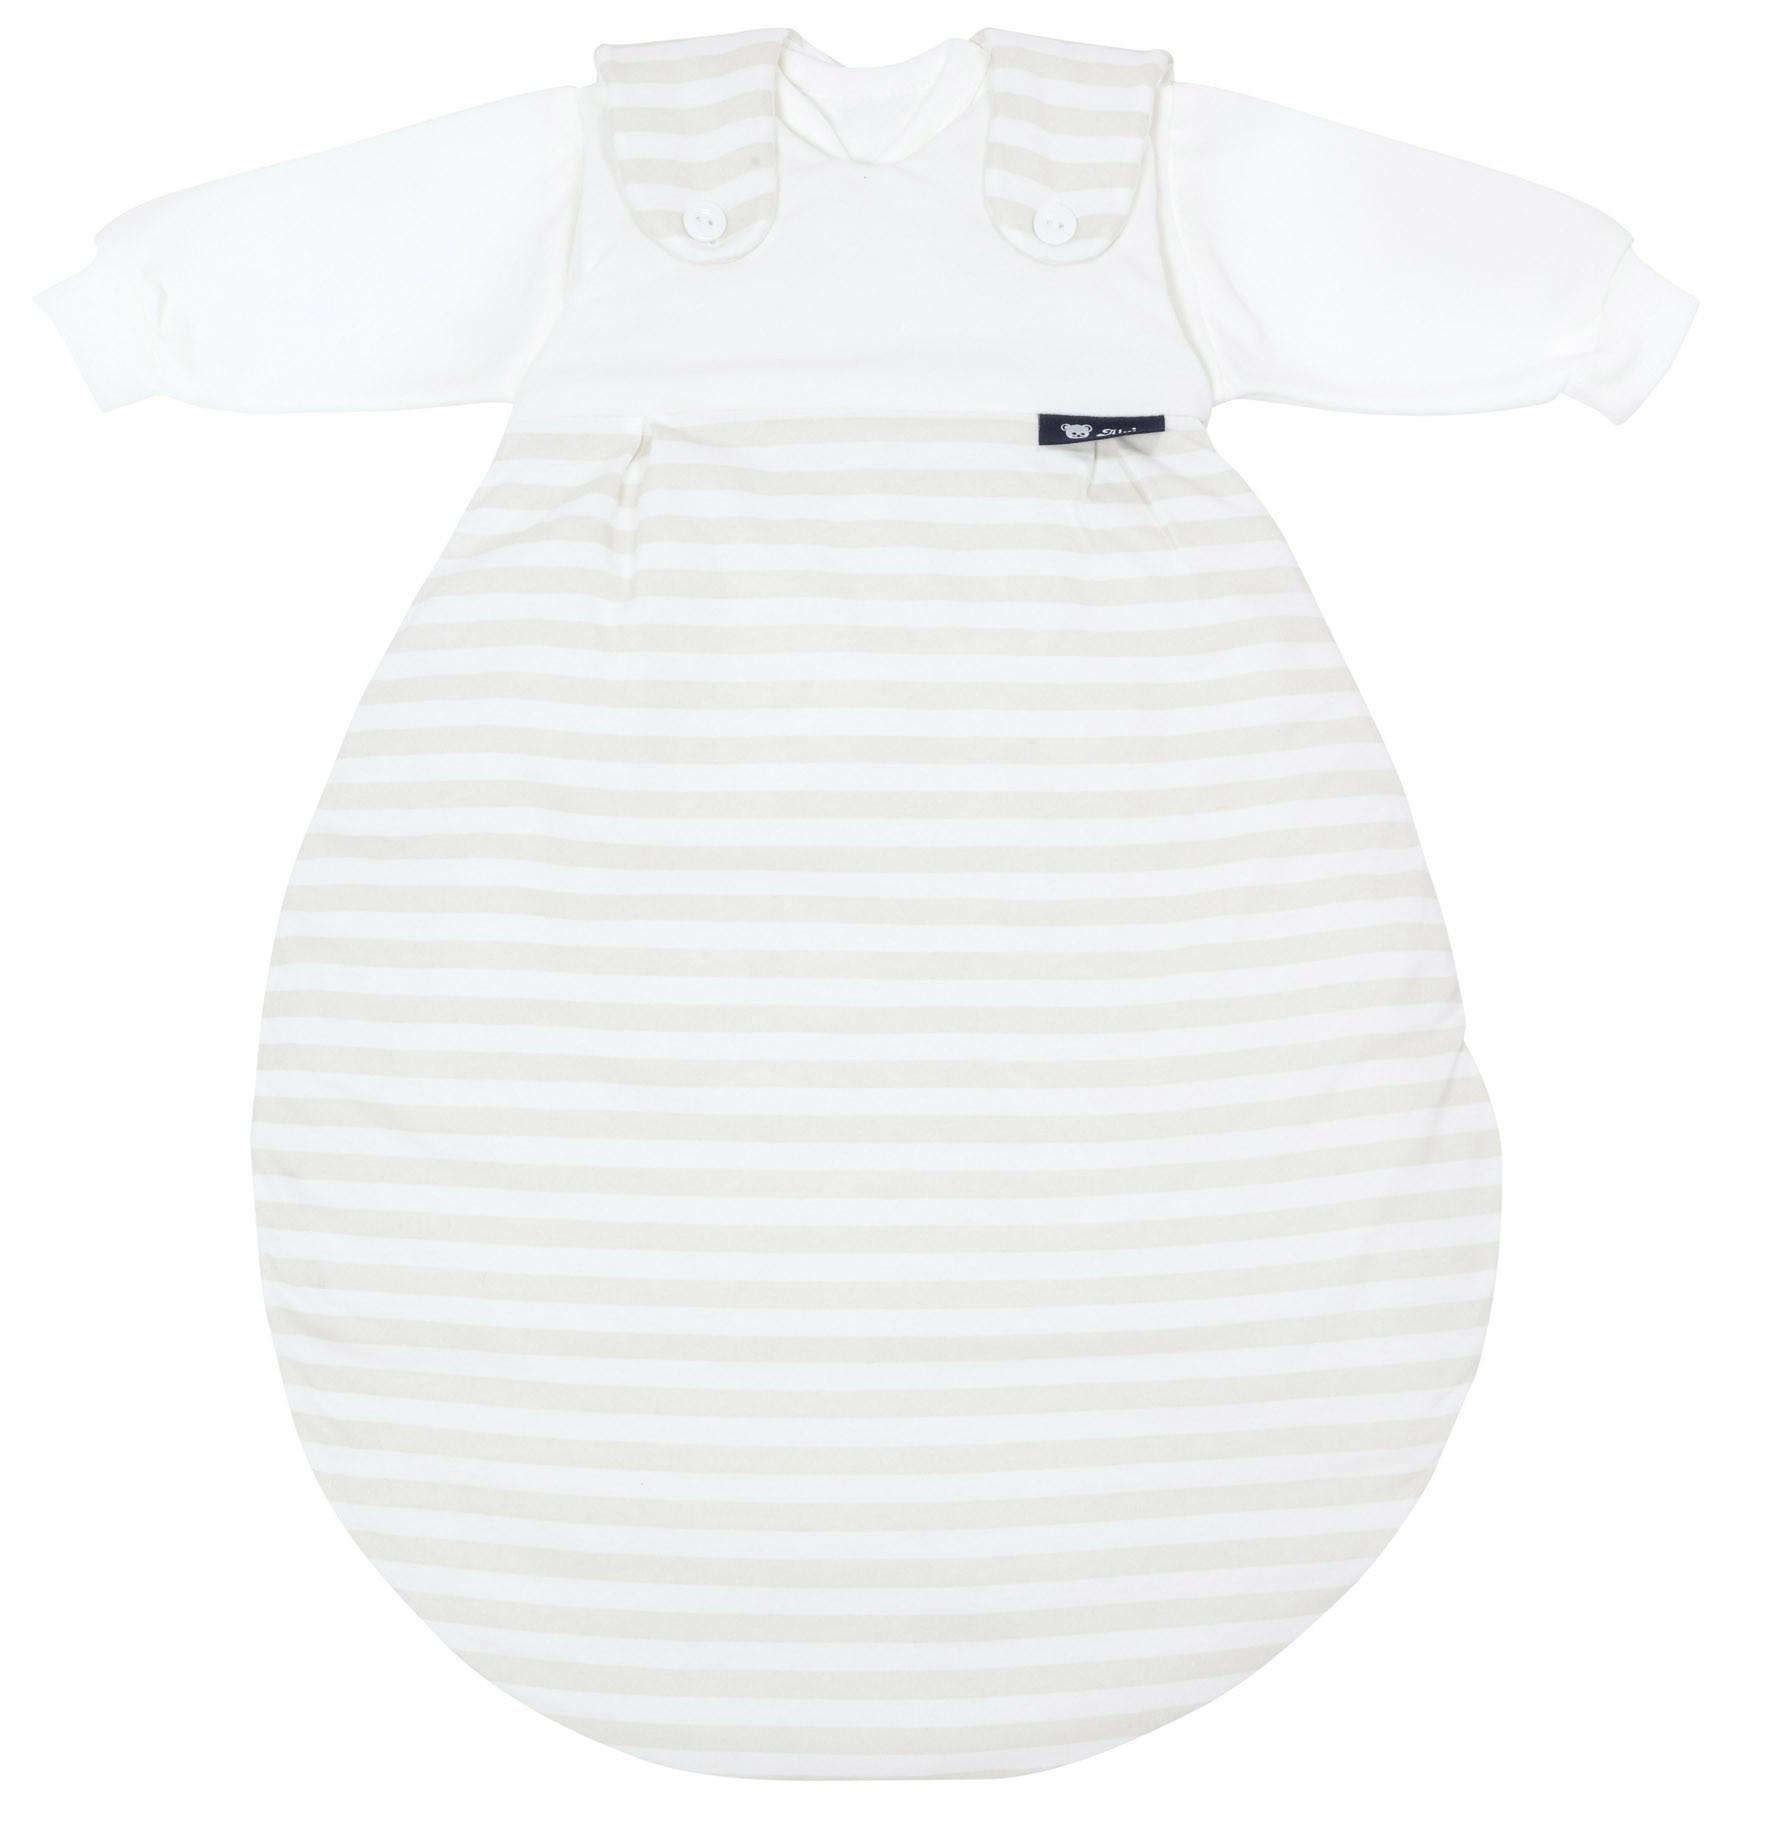 Alvi Baby Mäxchen Schlafsack 62/68 117-6